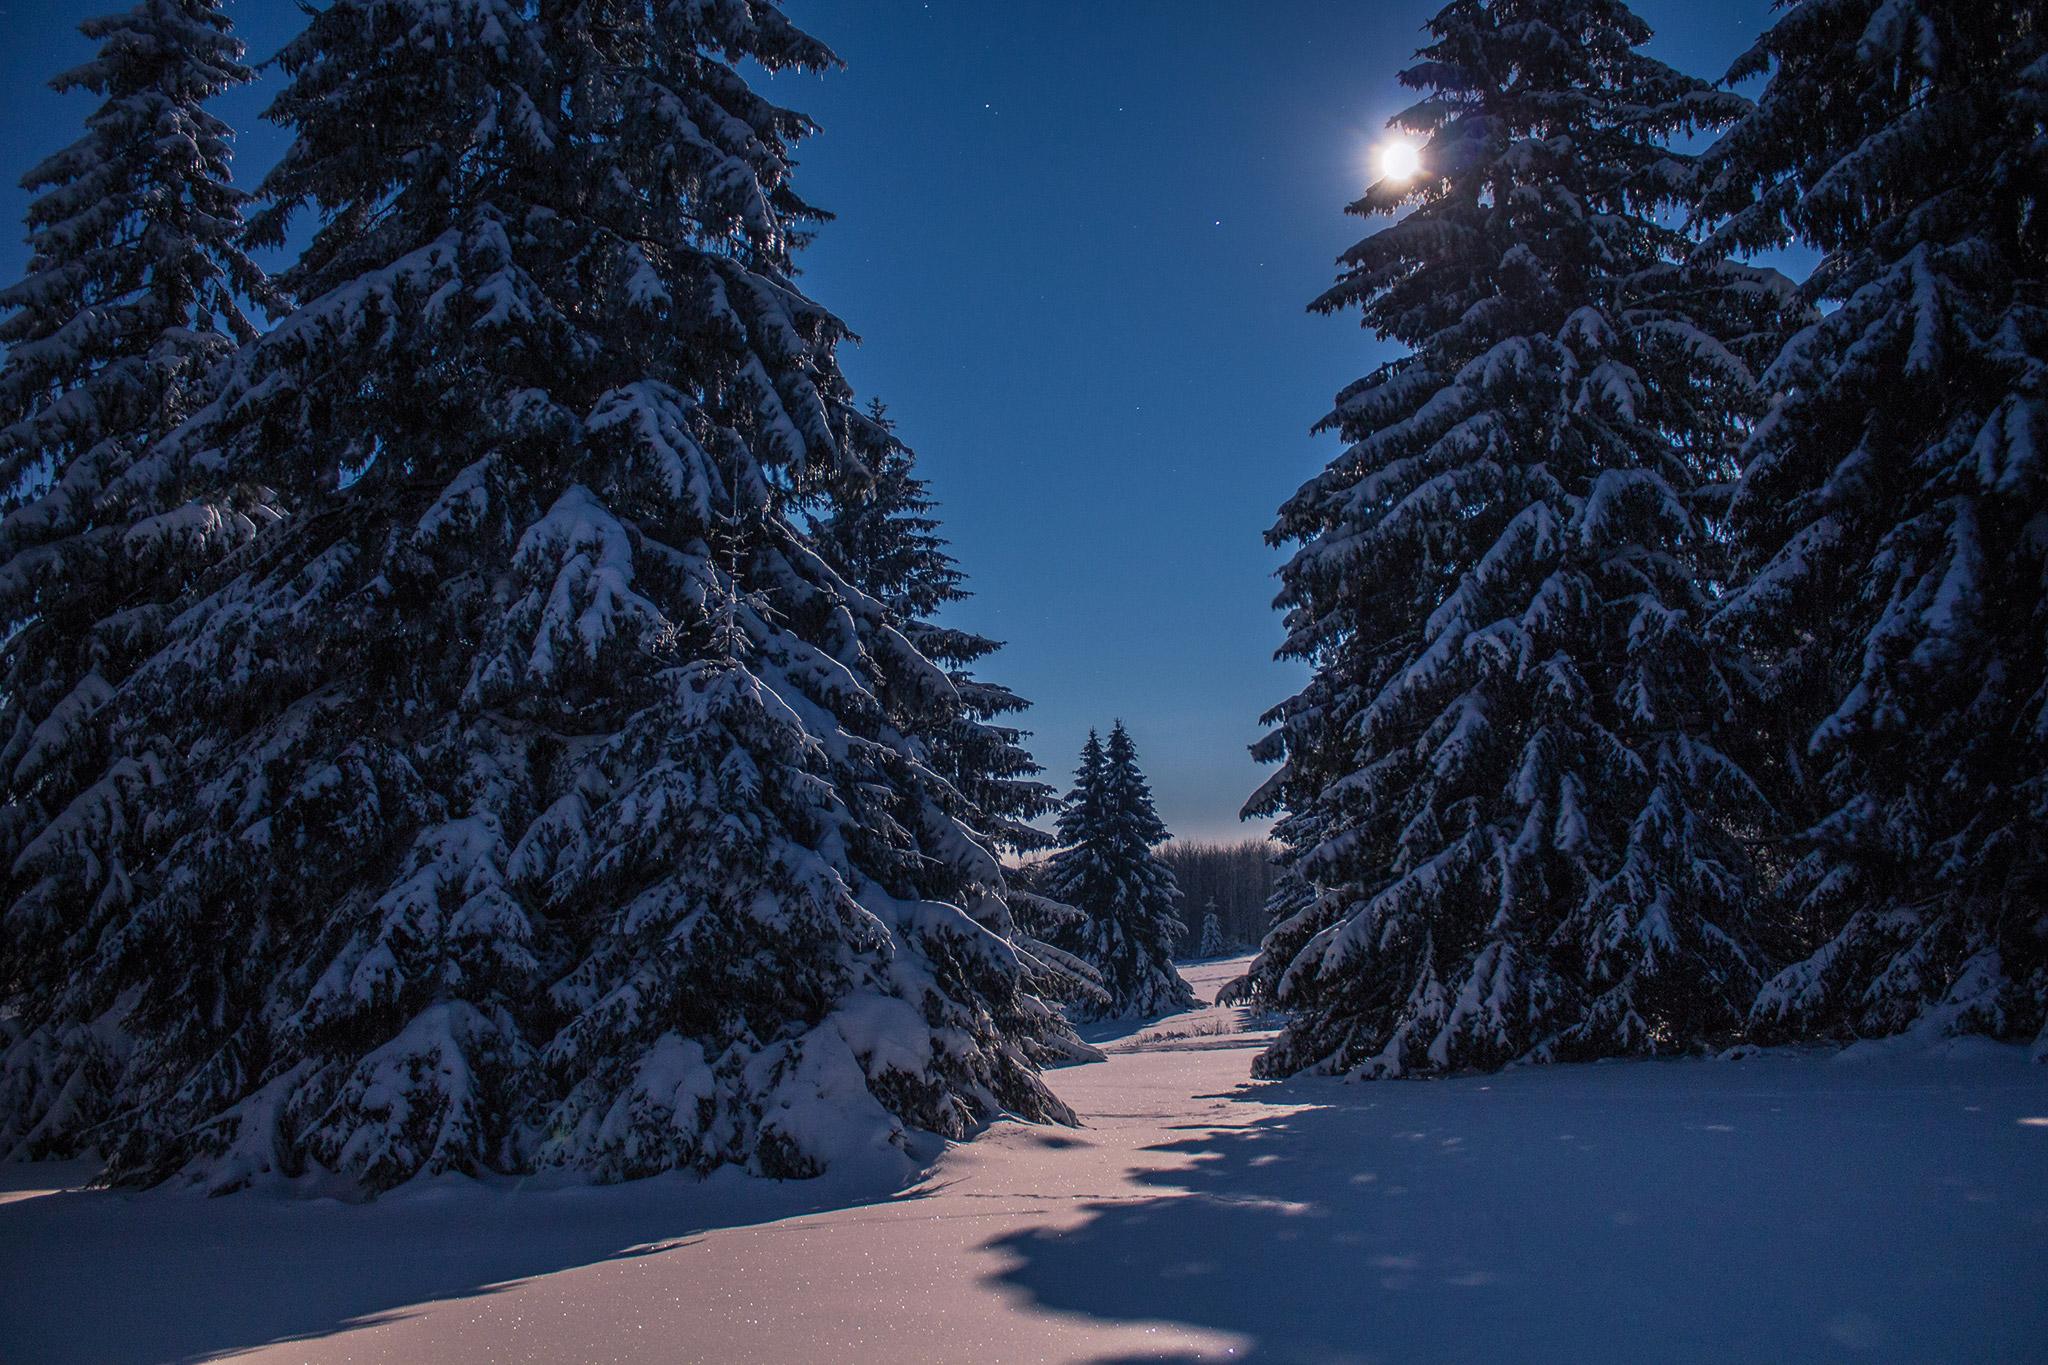 Winternacht auf der Fuchskaute | Foto: Johannes Willwacher